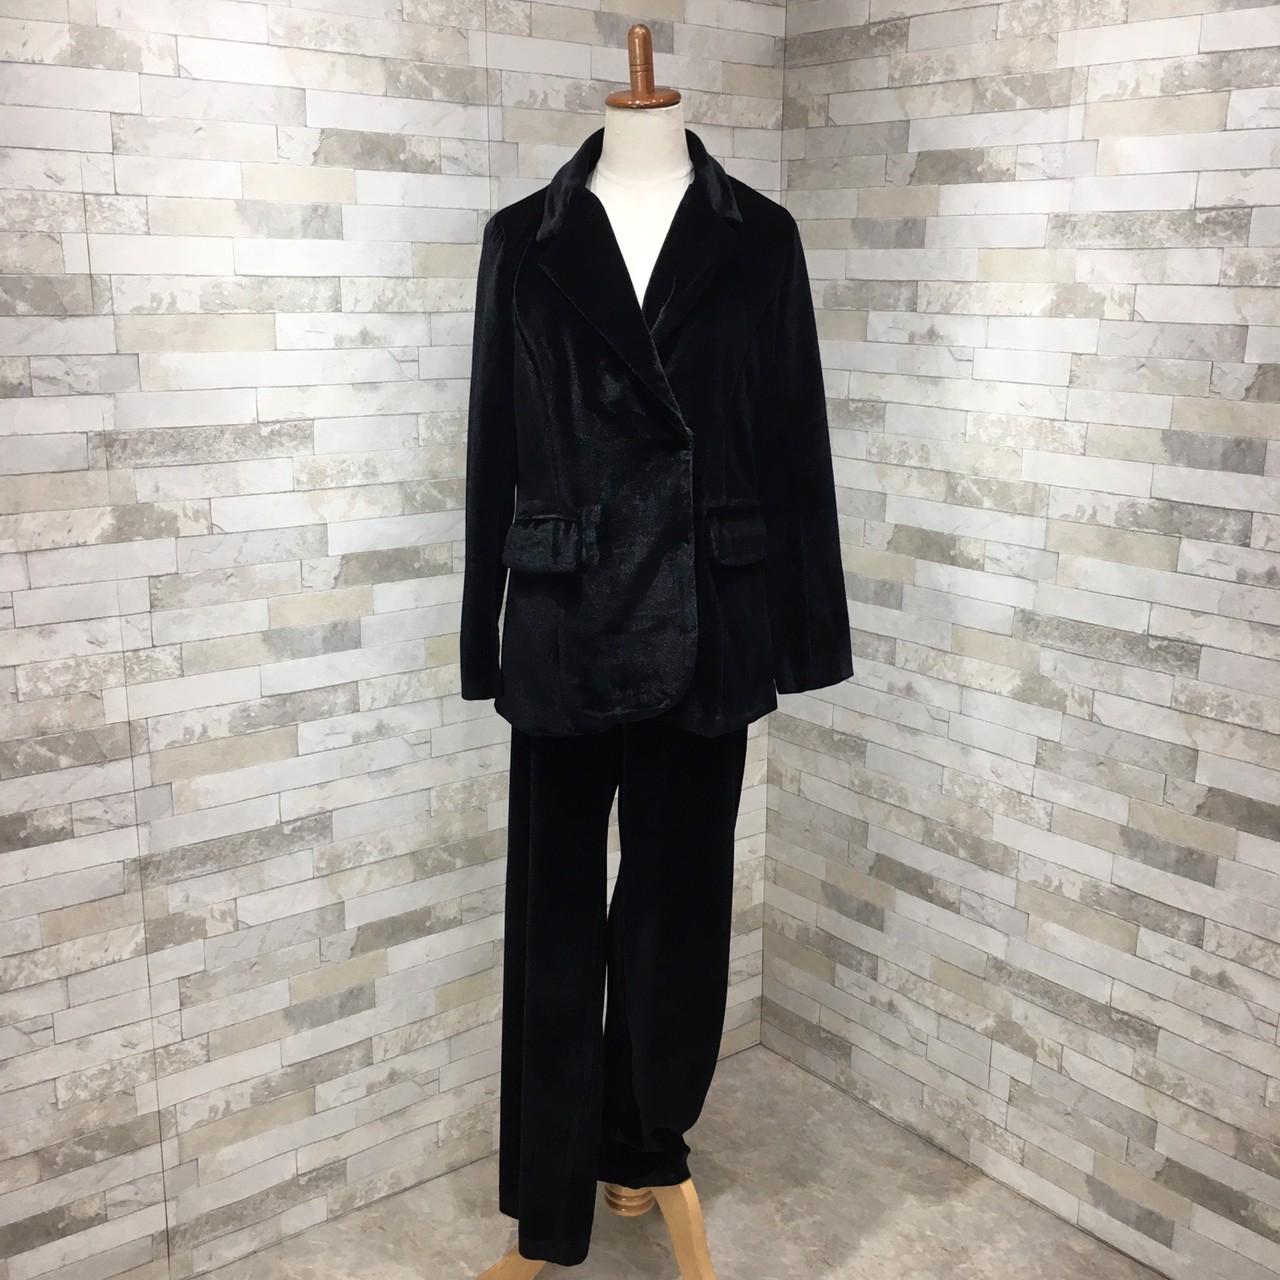 【即納】韓国 ファッション パンツ セットアップ パーティードレス 結婚式 お呼ばれドレス 秋 冬 パーティー ブライダル SPTXH554  起毛 ドレープ テーラードジャ 二次会 セレブ きれいめの写真5枚目